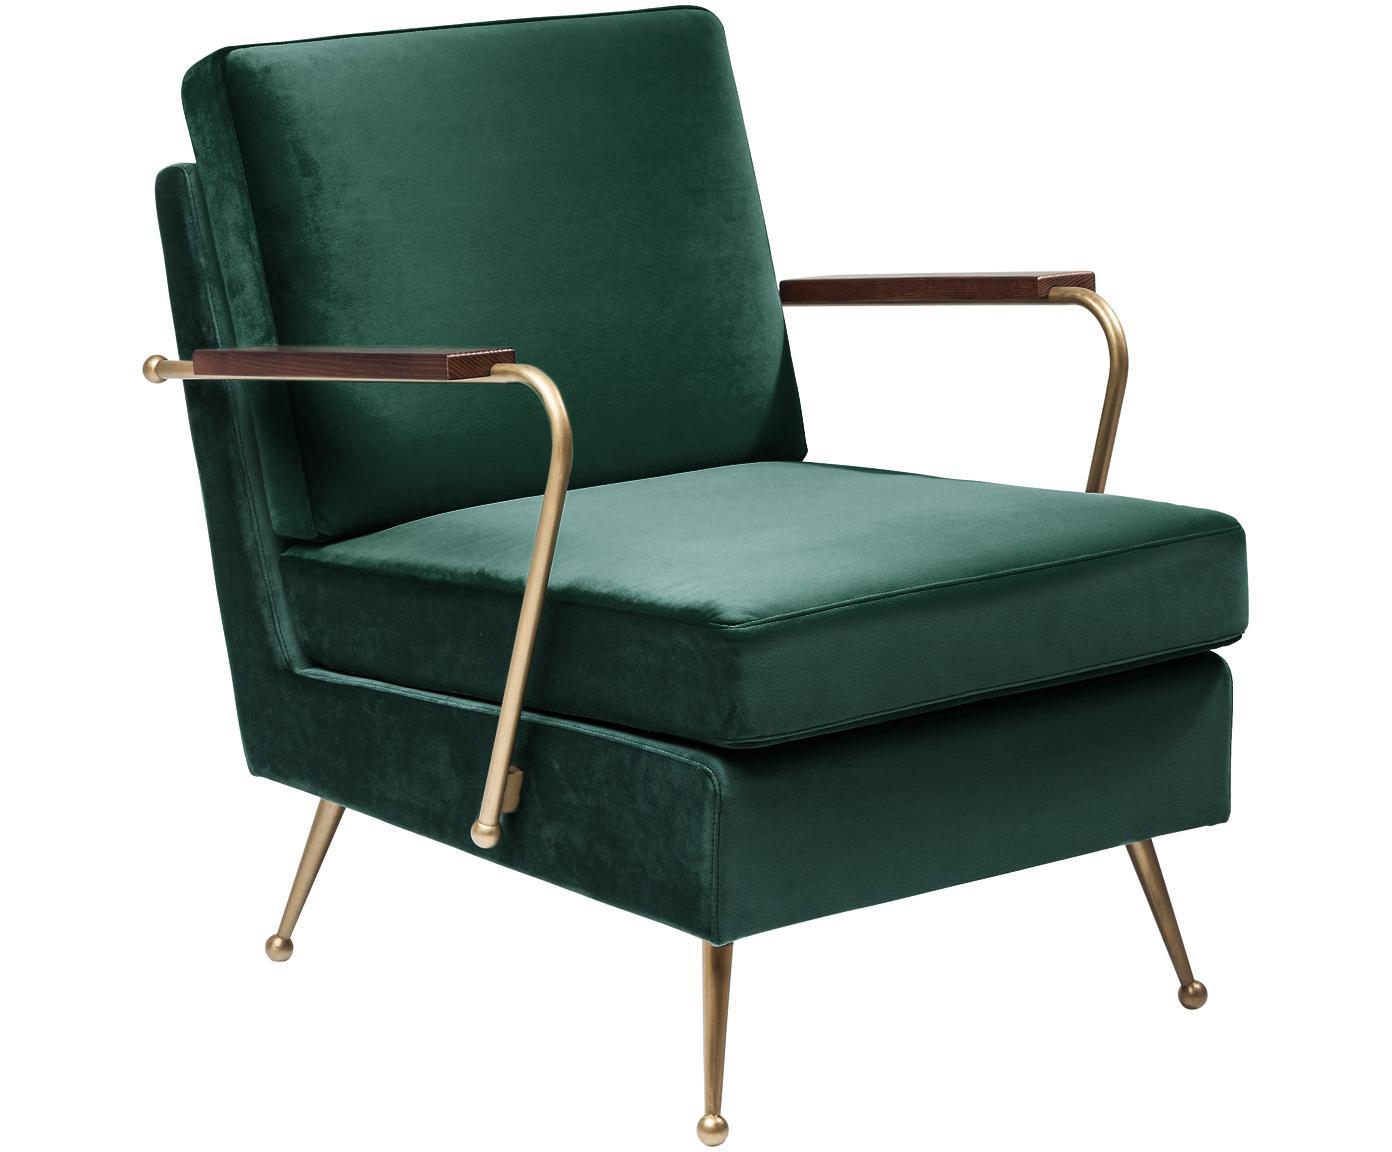 Fotel z aksamitu Gamble, Tapicerka: aksamit poliestrowy Tkani, Korpus: drewno sosnowe, surowe, Zielony, S 68 x G 75 cm